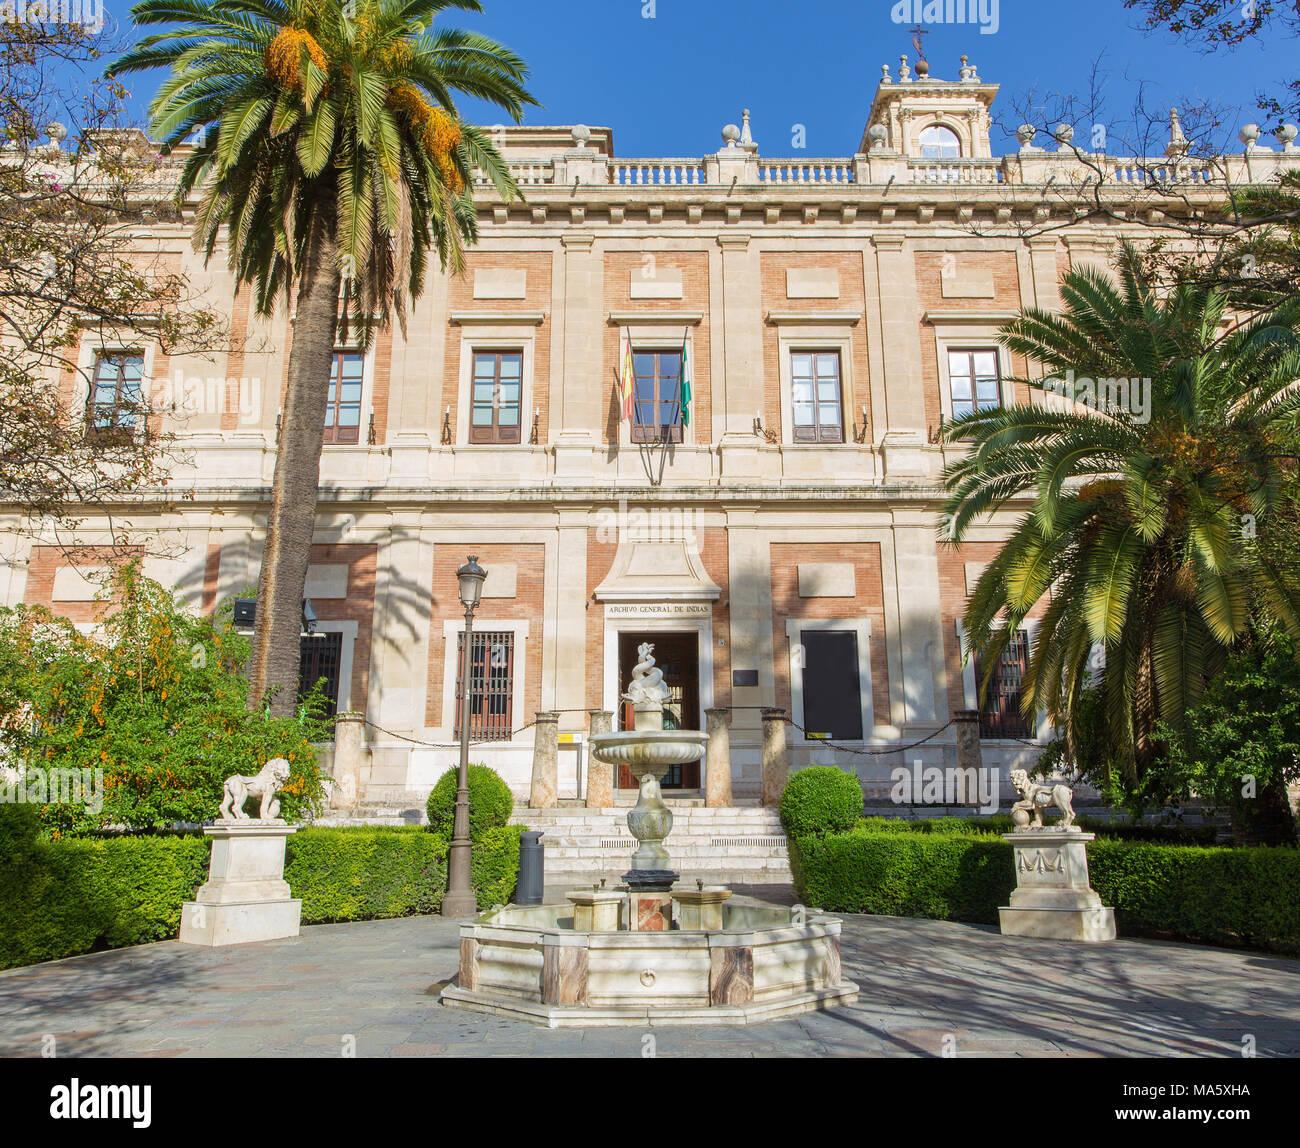 Sevilla - el Archivo General de Indias (Archivo general de Indas) edificio renacentista (1584 - 1629) diseñó Juan de Herrera. Imagen De Stock